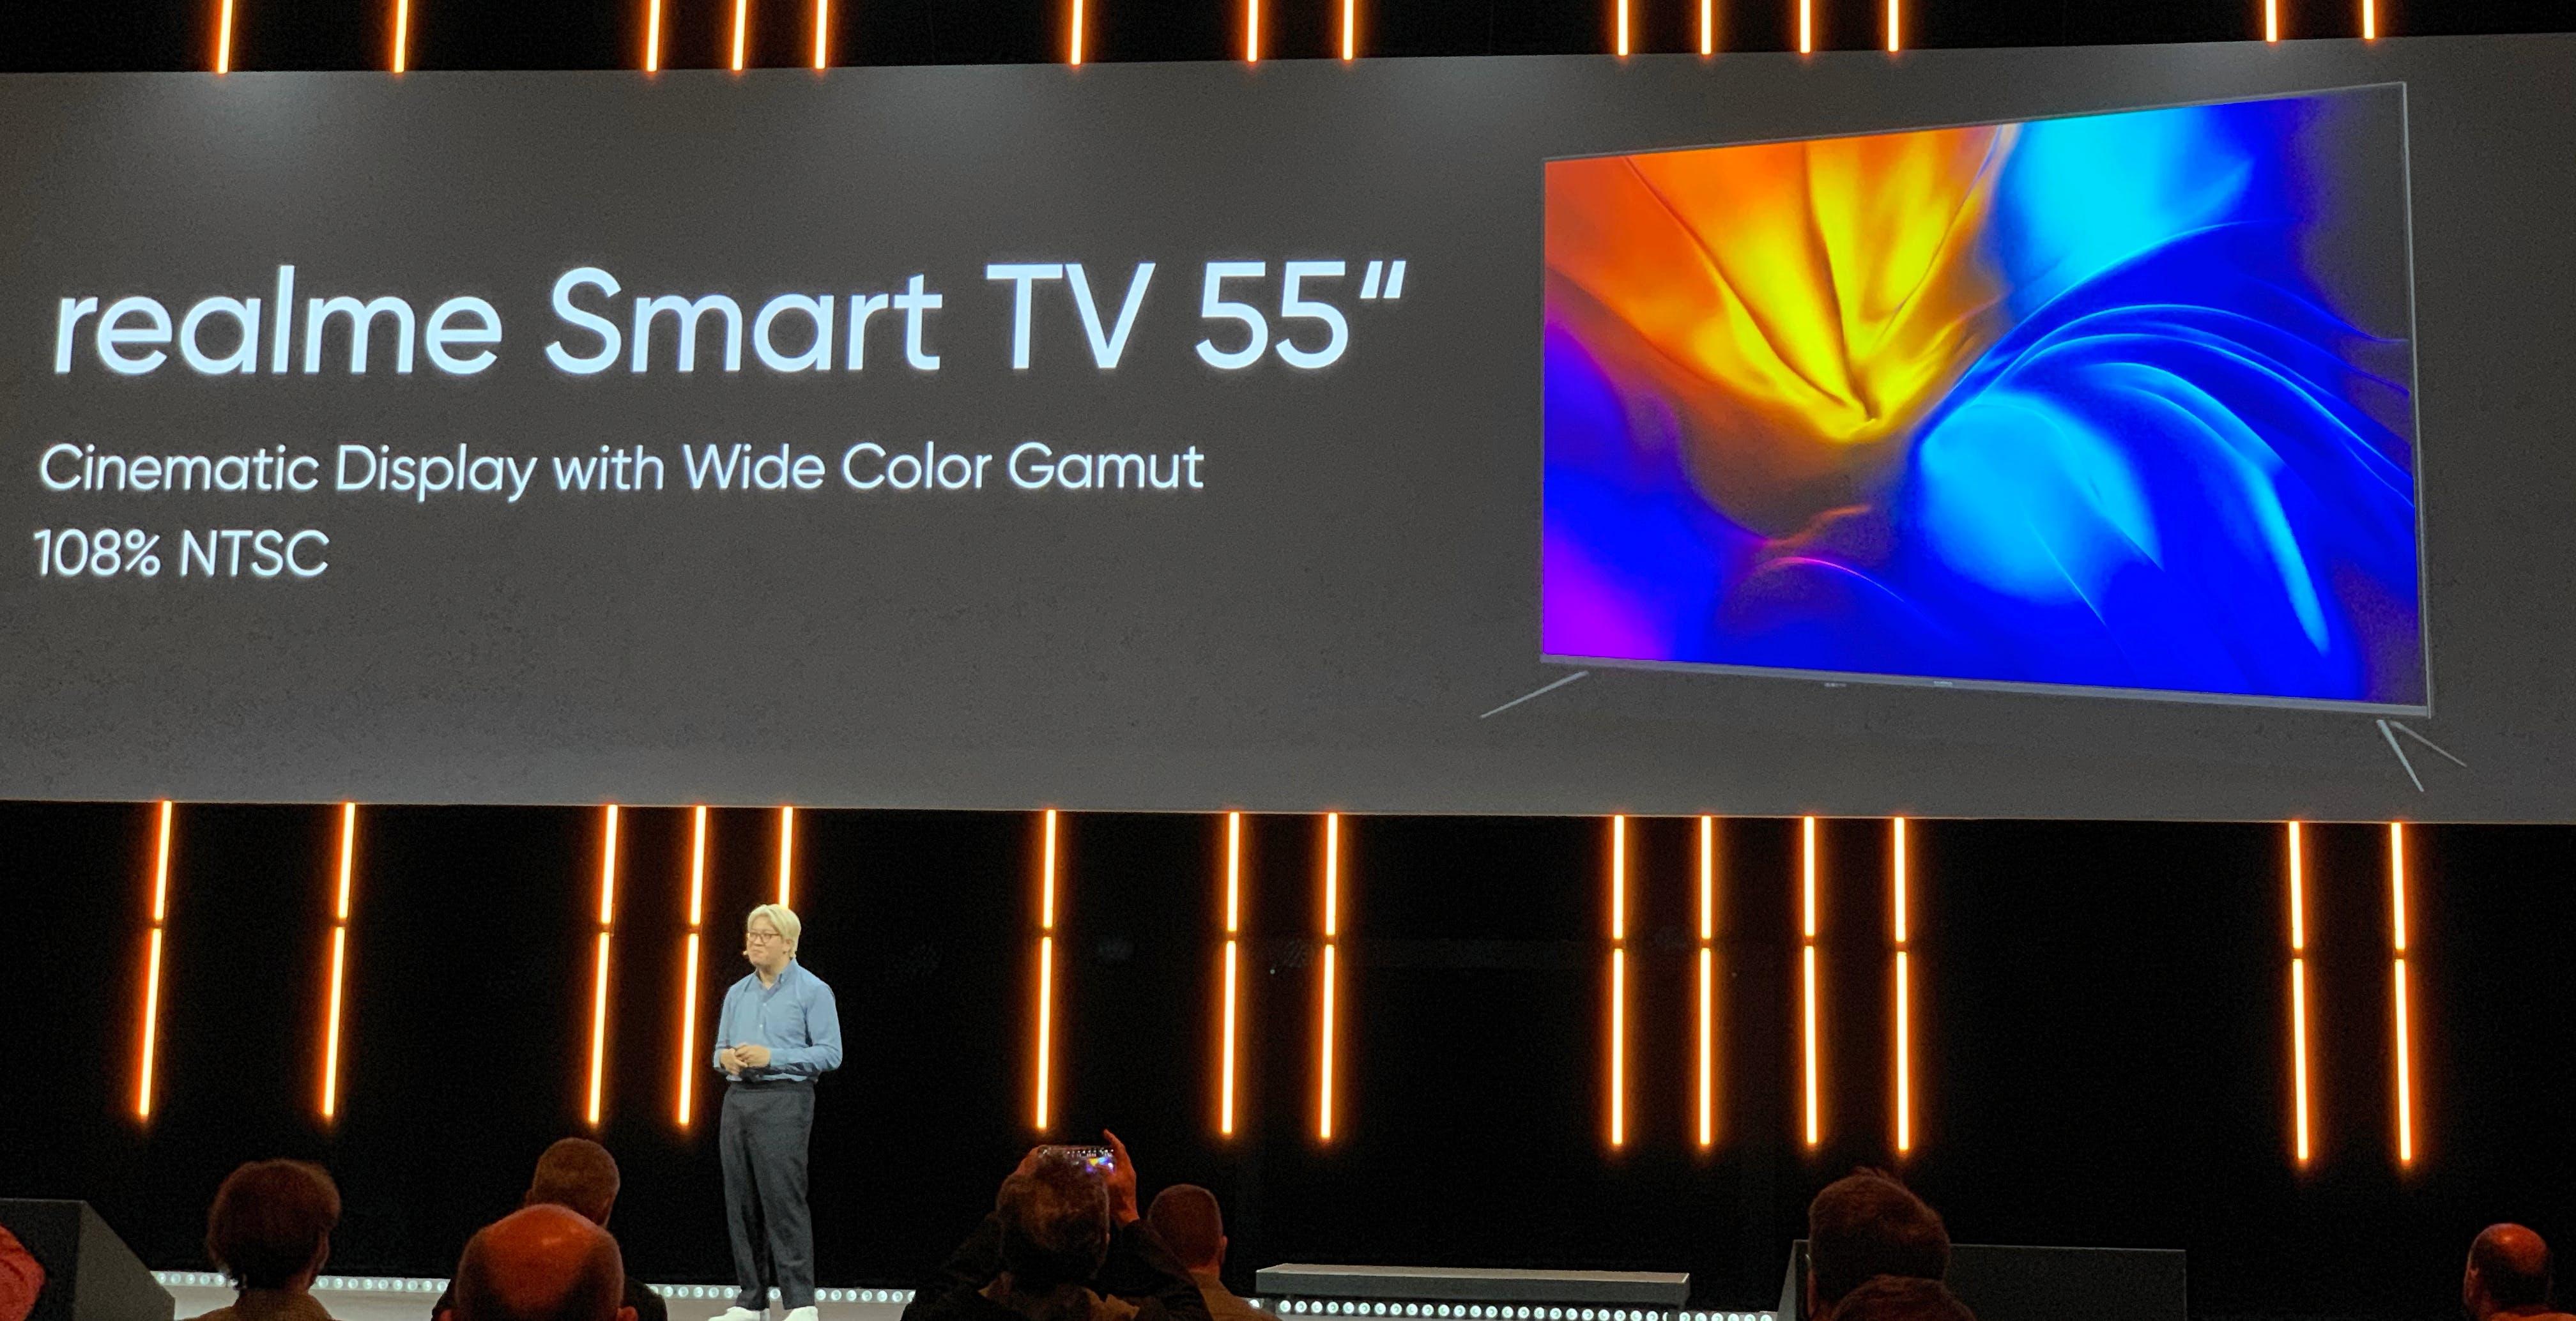 La prossima guerra dei cloni sarà quella degli Smart TV. Qualità a rischio?